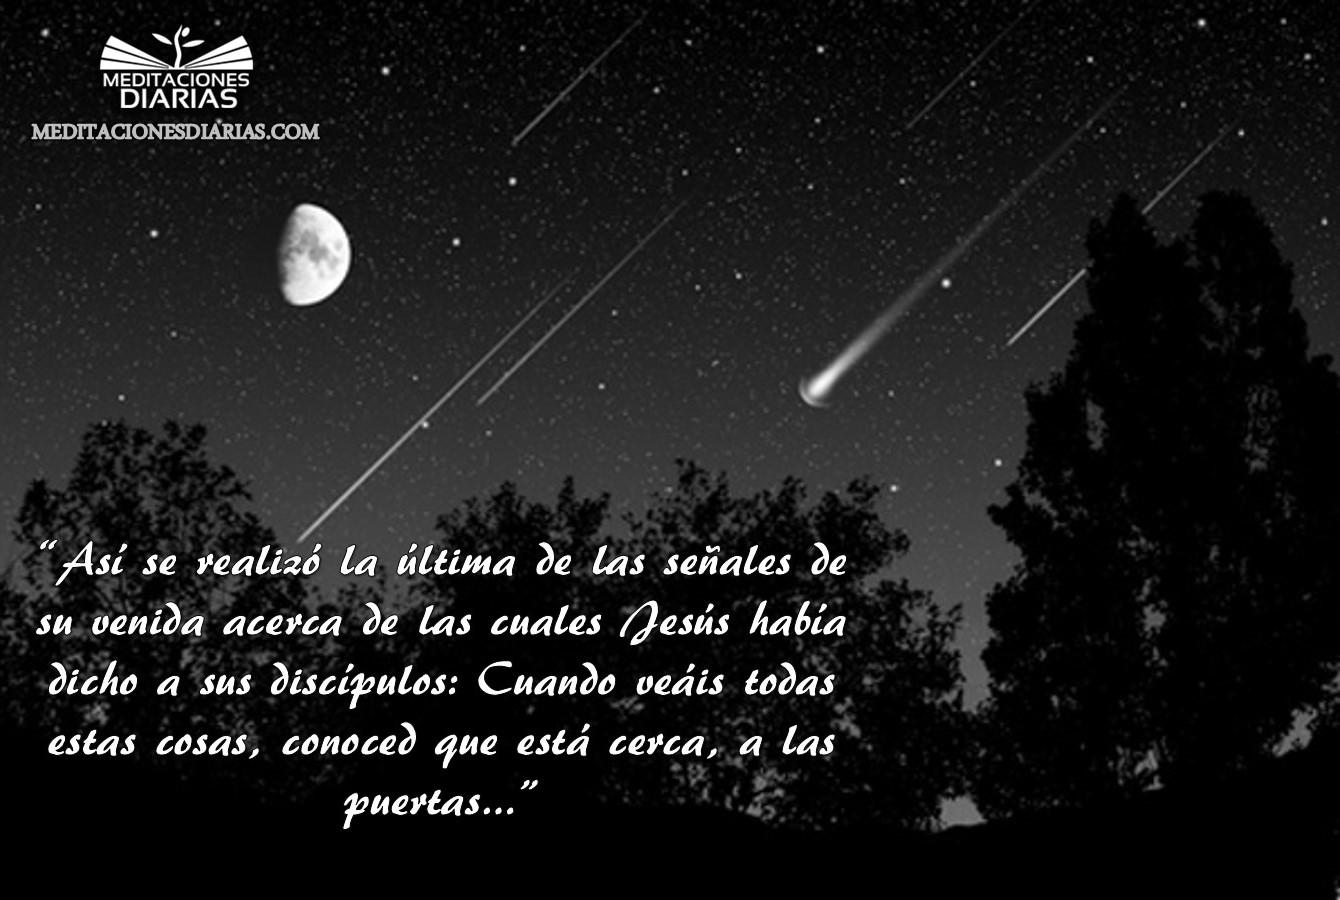 Caen las estrellas del cielo